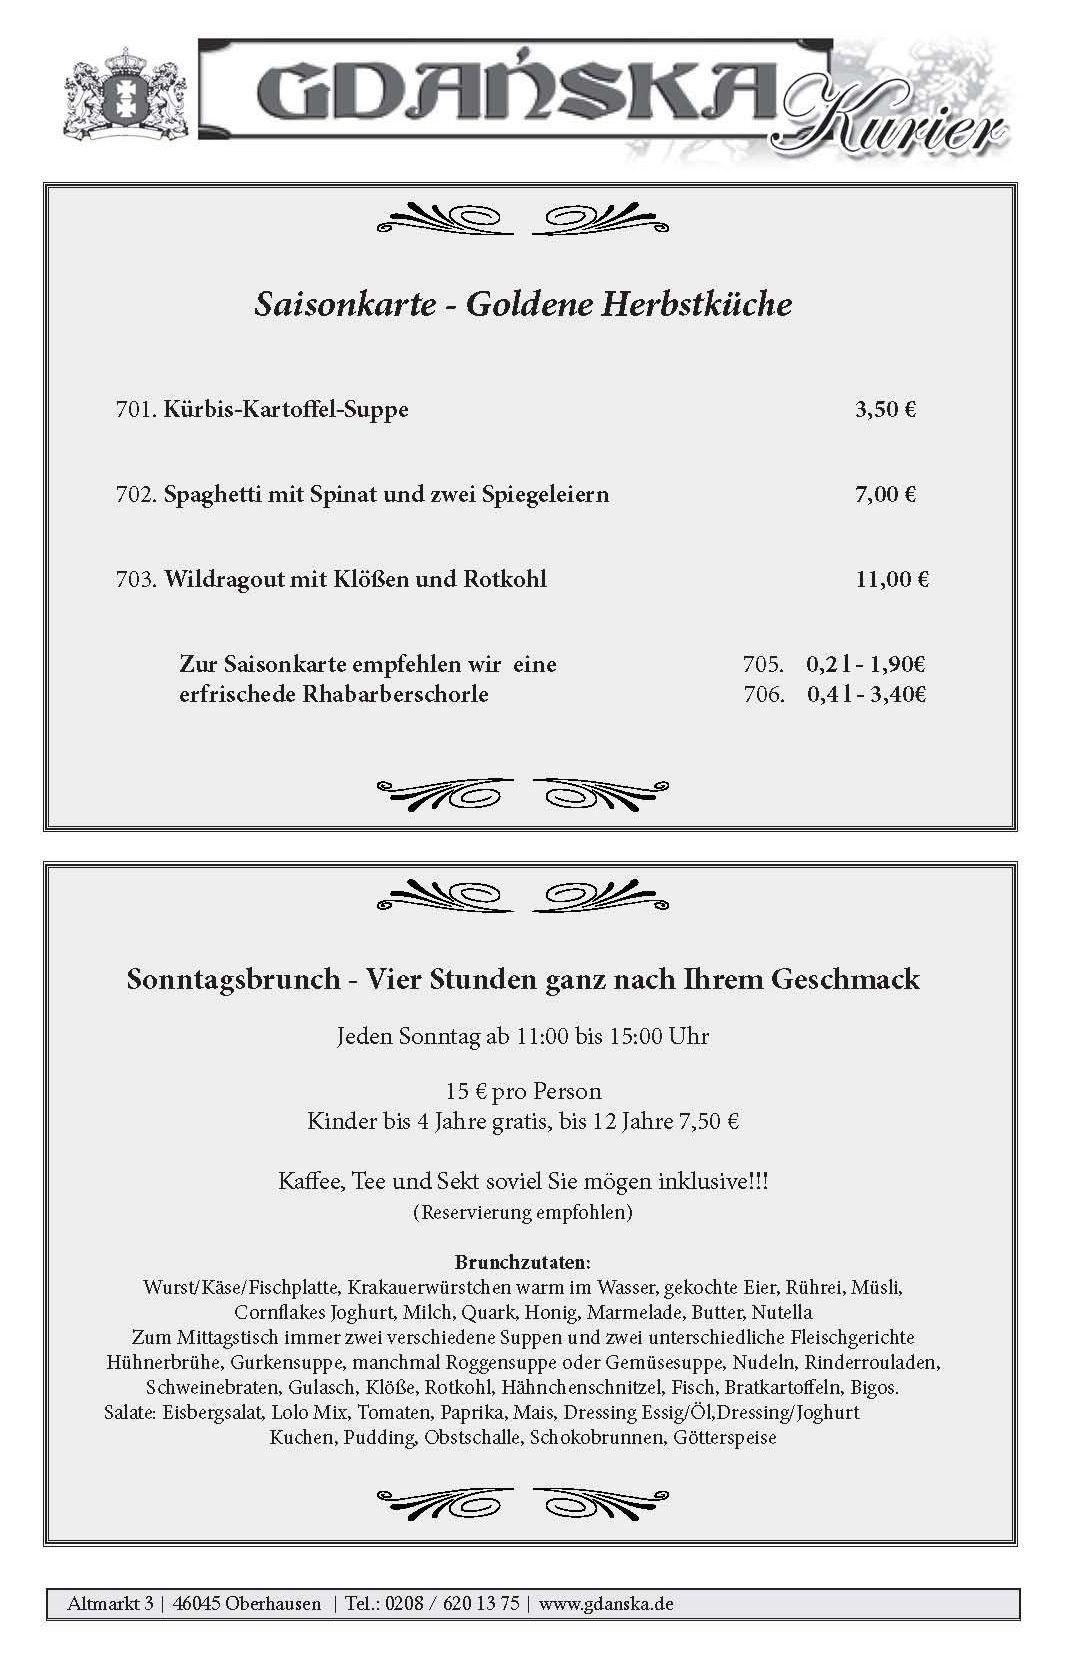 gdanksa_okt_2014_Herbstkarte